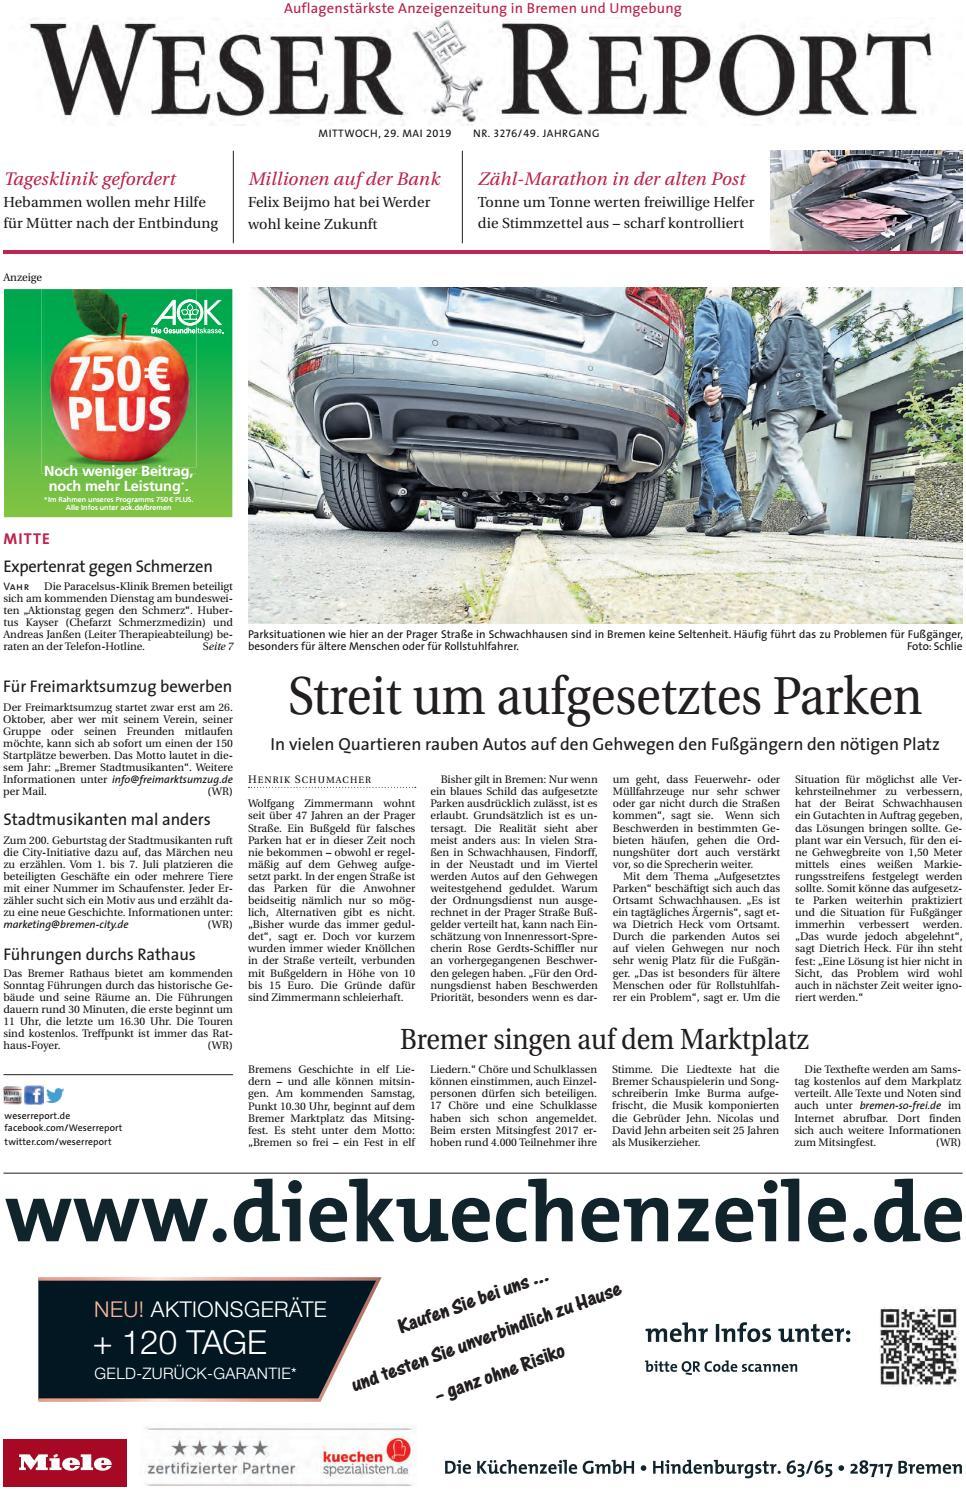 Weser Report - Mitte vom 29.05.2019 by KPS Verlagsgesellschaft ...